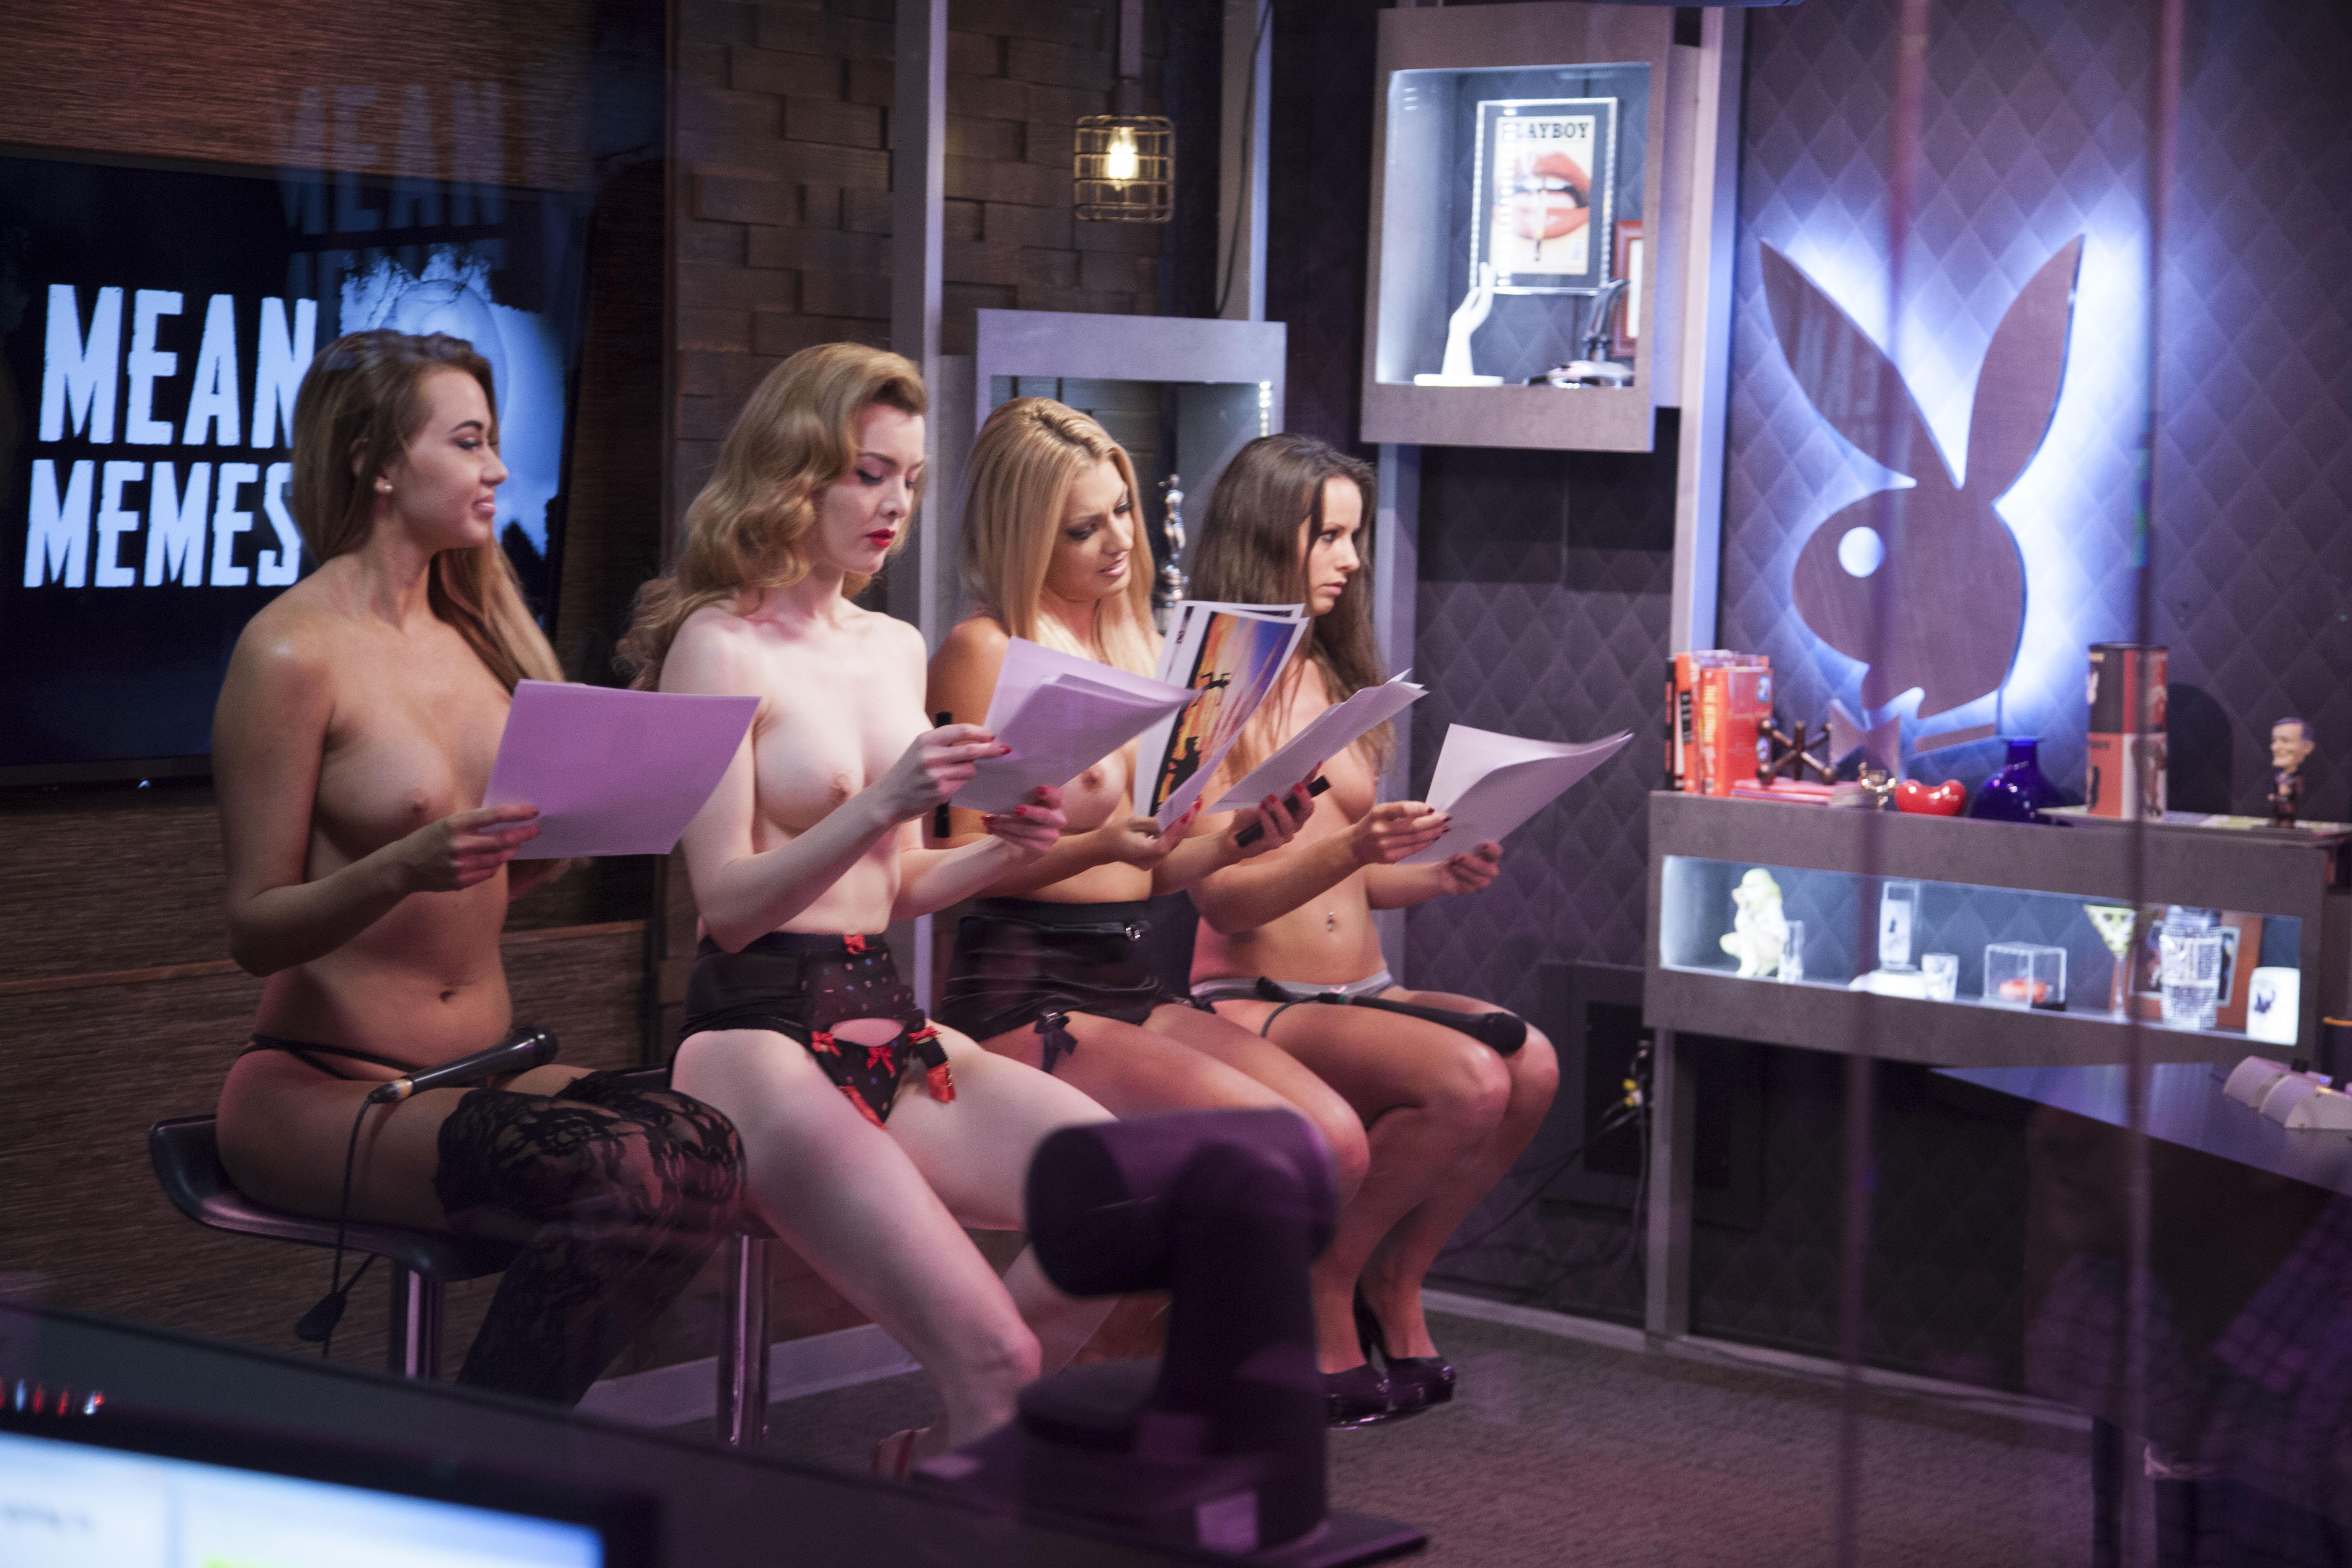 Nude women of ninja warrior topic Very